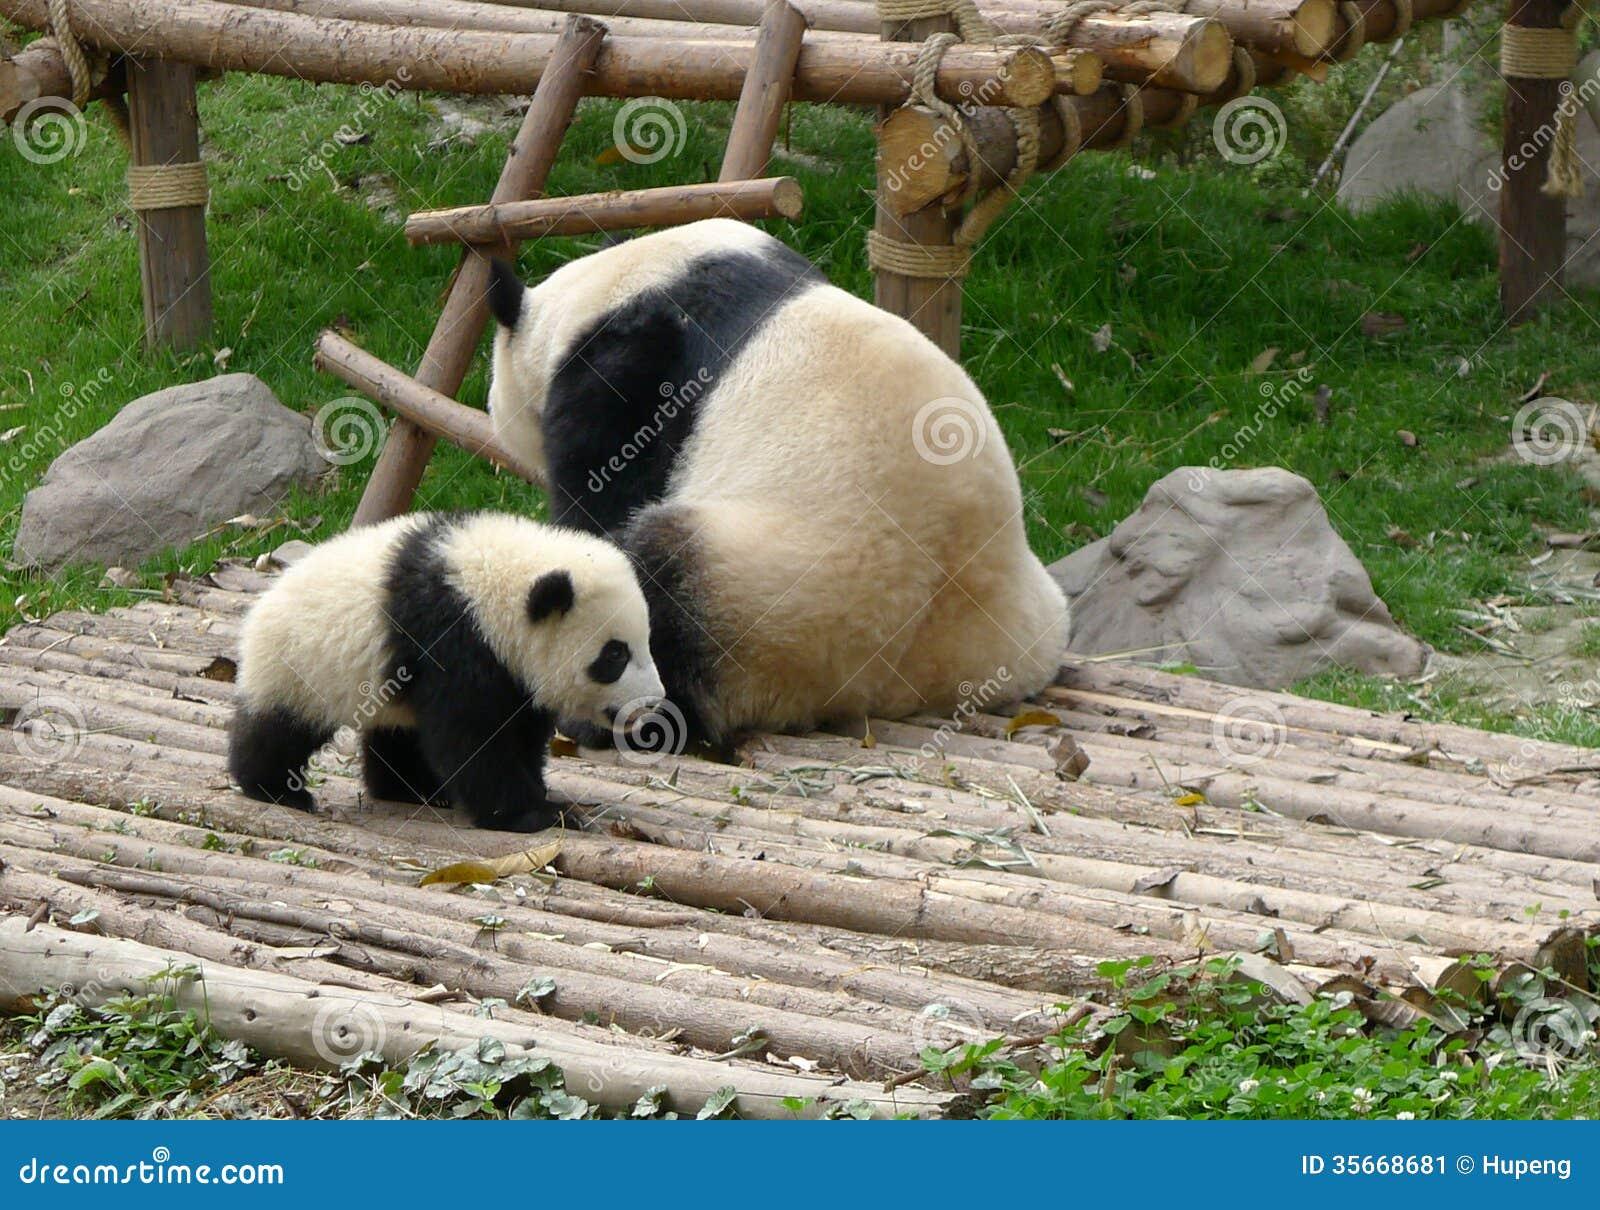 Newborn panda and mom - photo#31